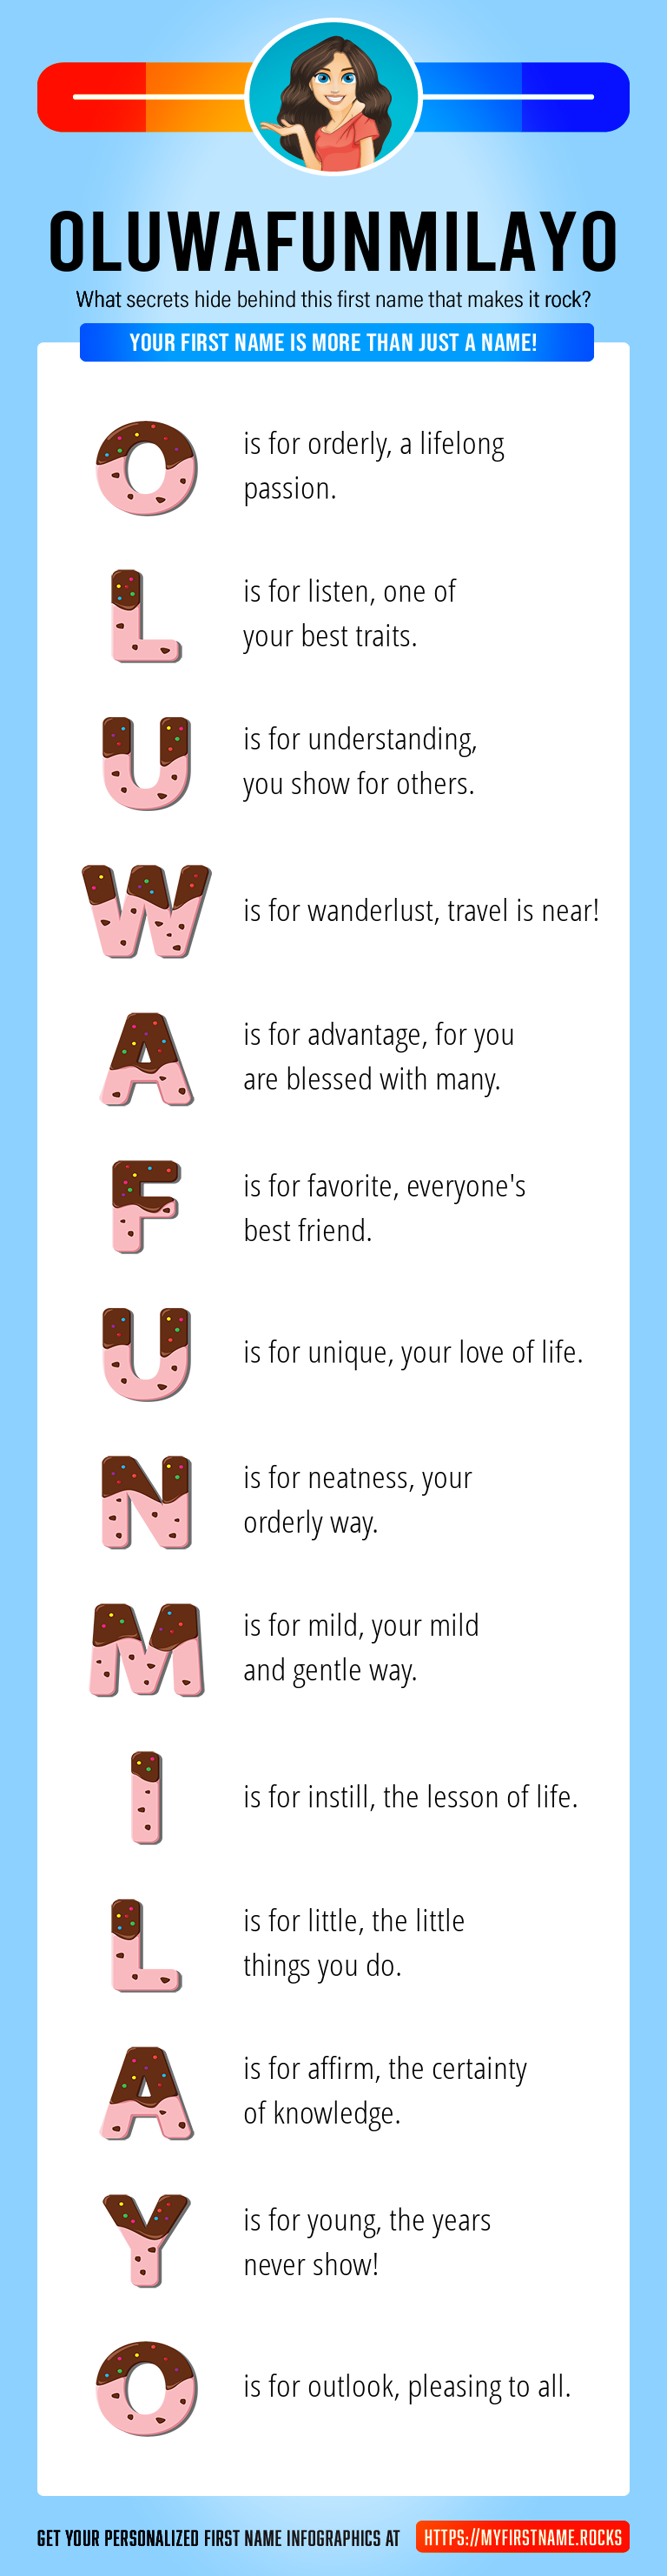 Oluwafunmilayo Infographics